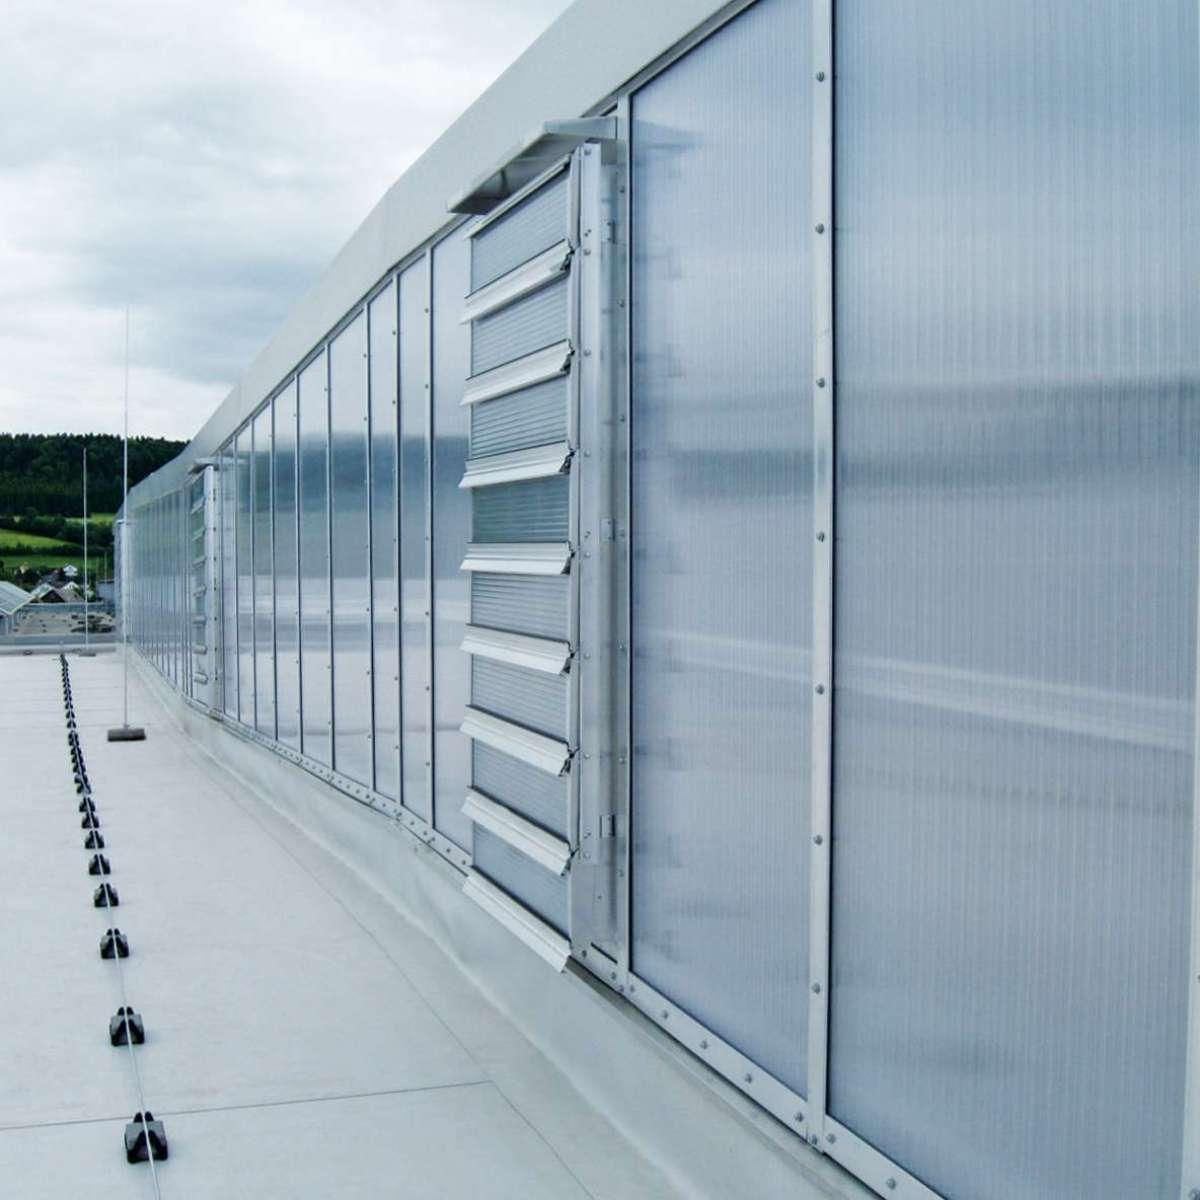 J. Schmalz GmbH  | Glatten • 1200m² shed glazing polycarbonate, 47NSHEV louvered ventilators